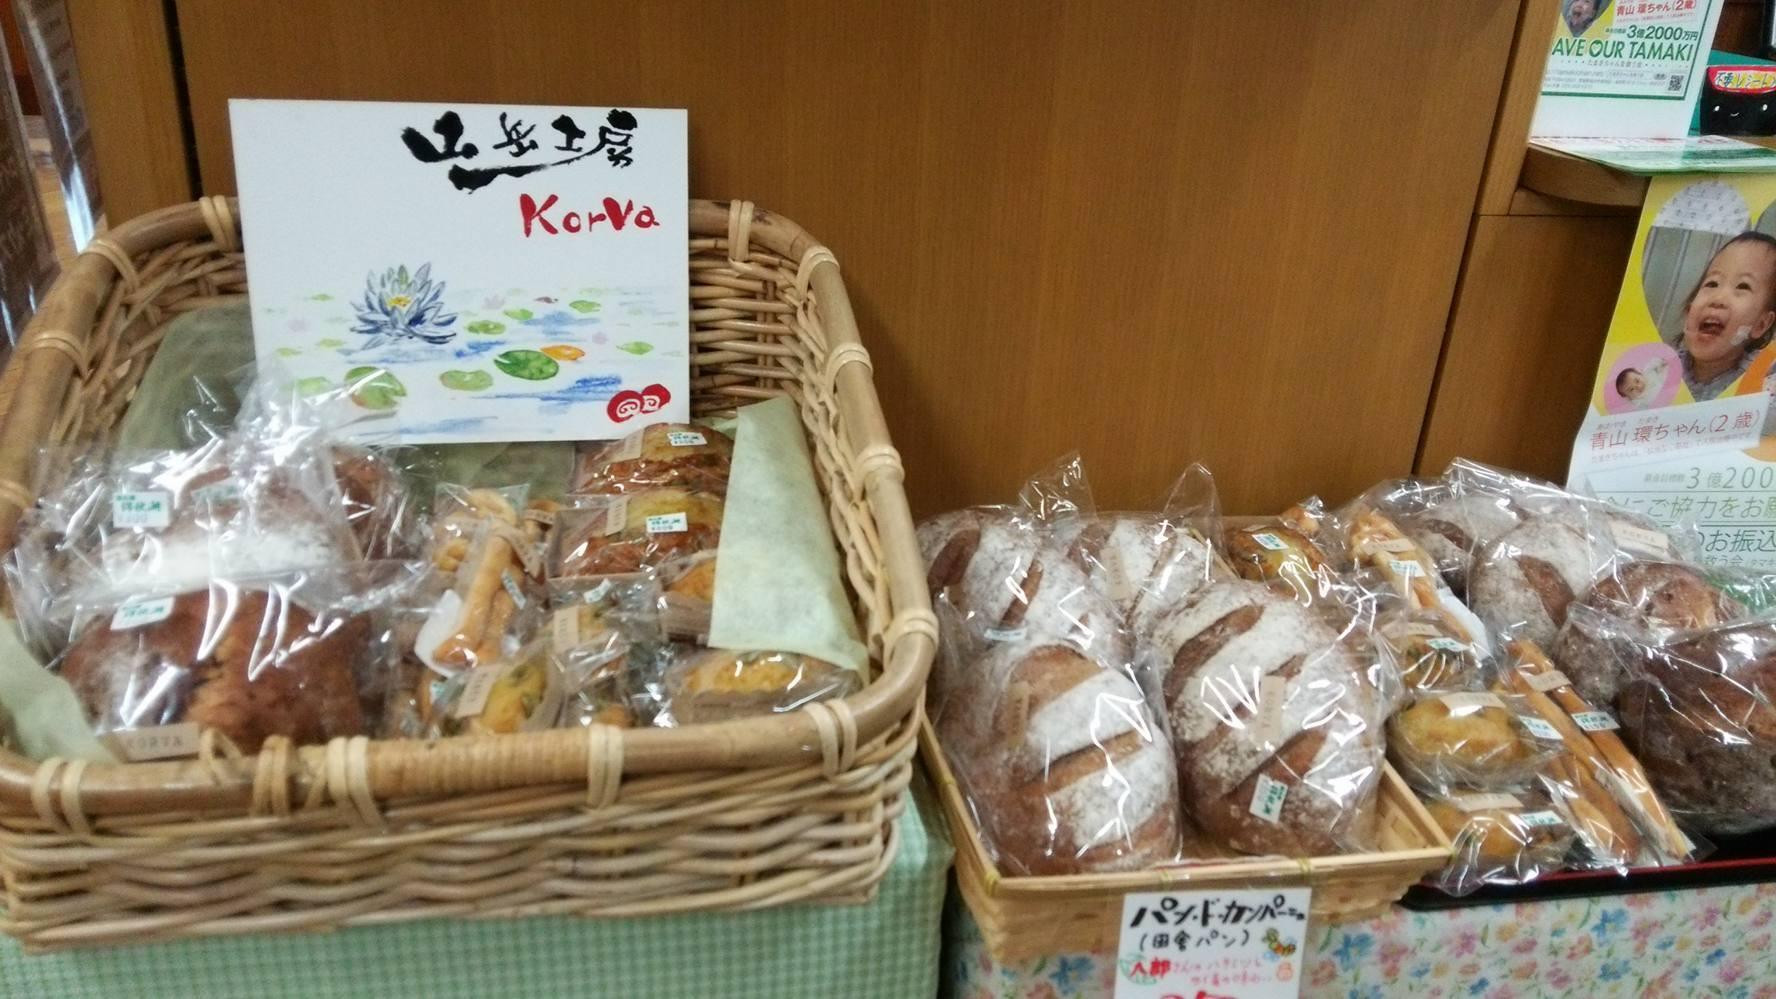 山岳工房Korvaのパン